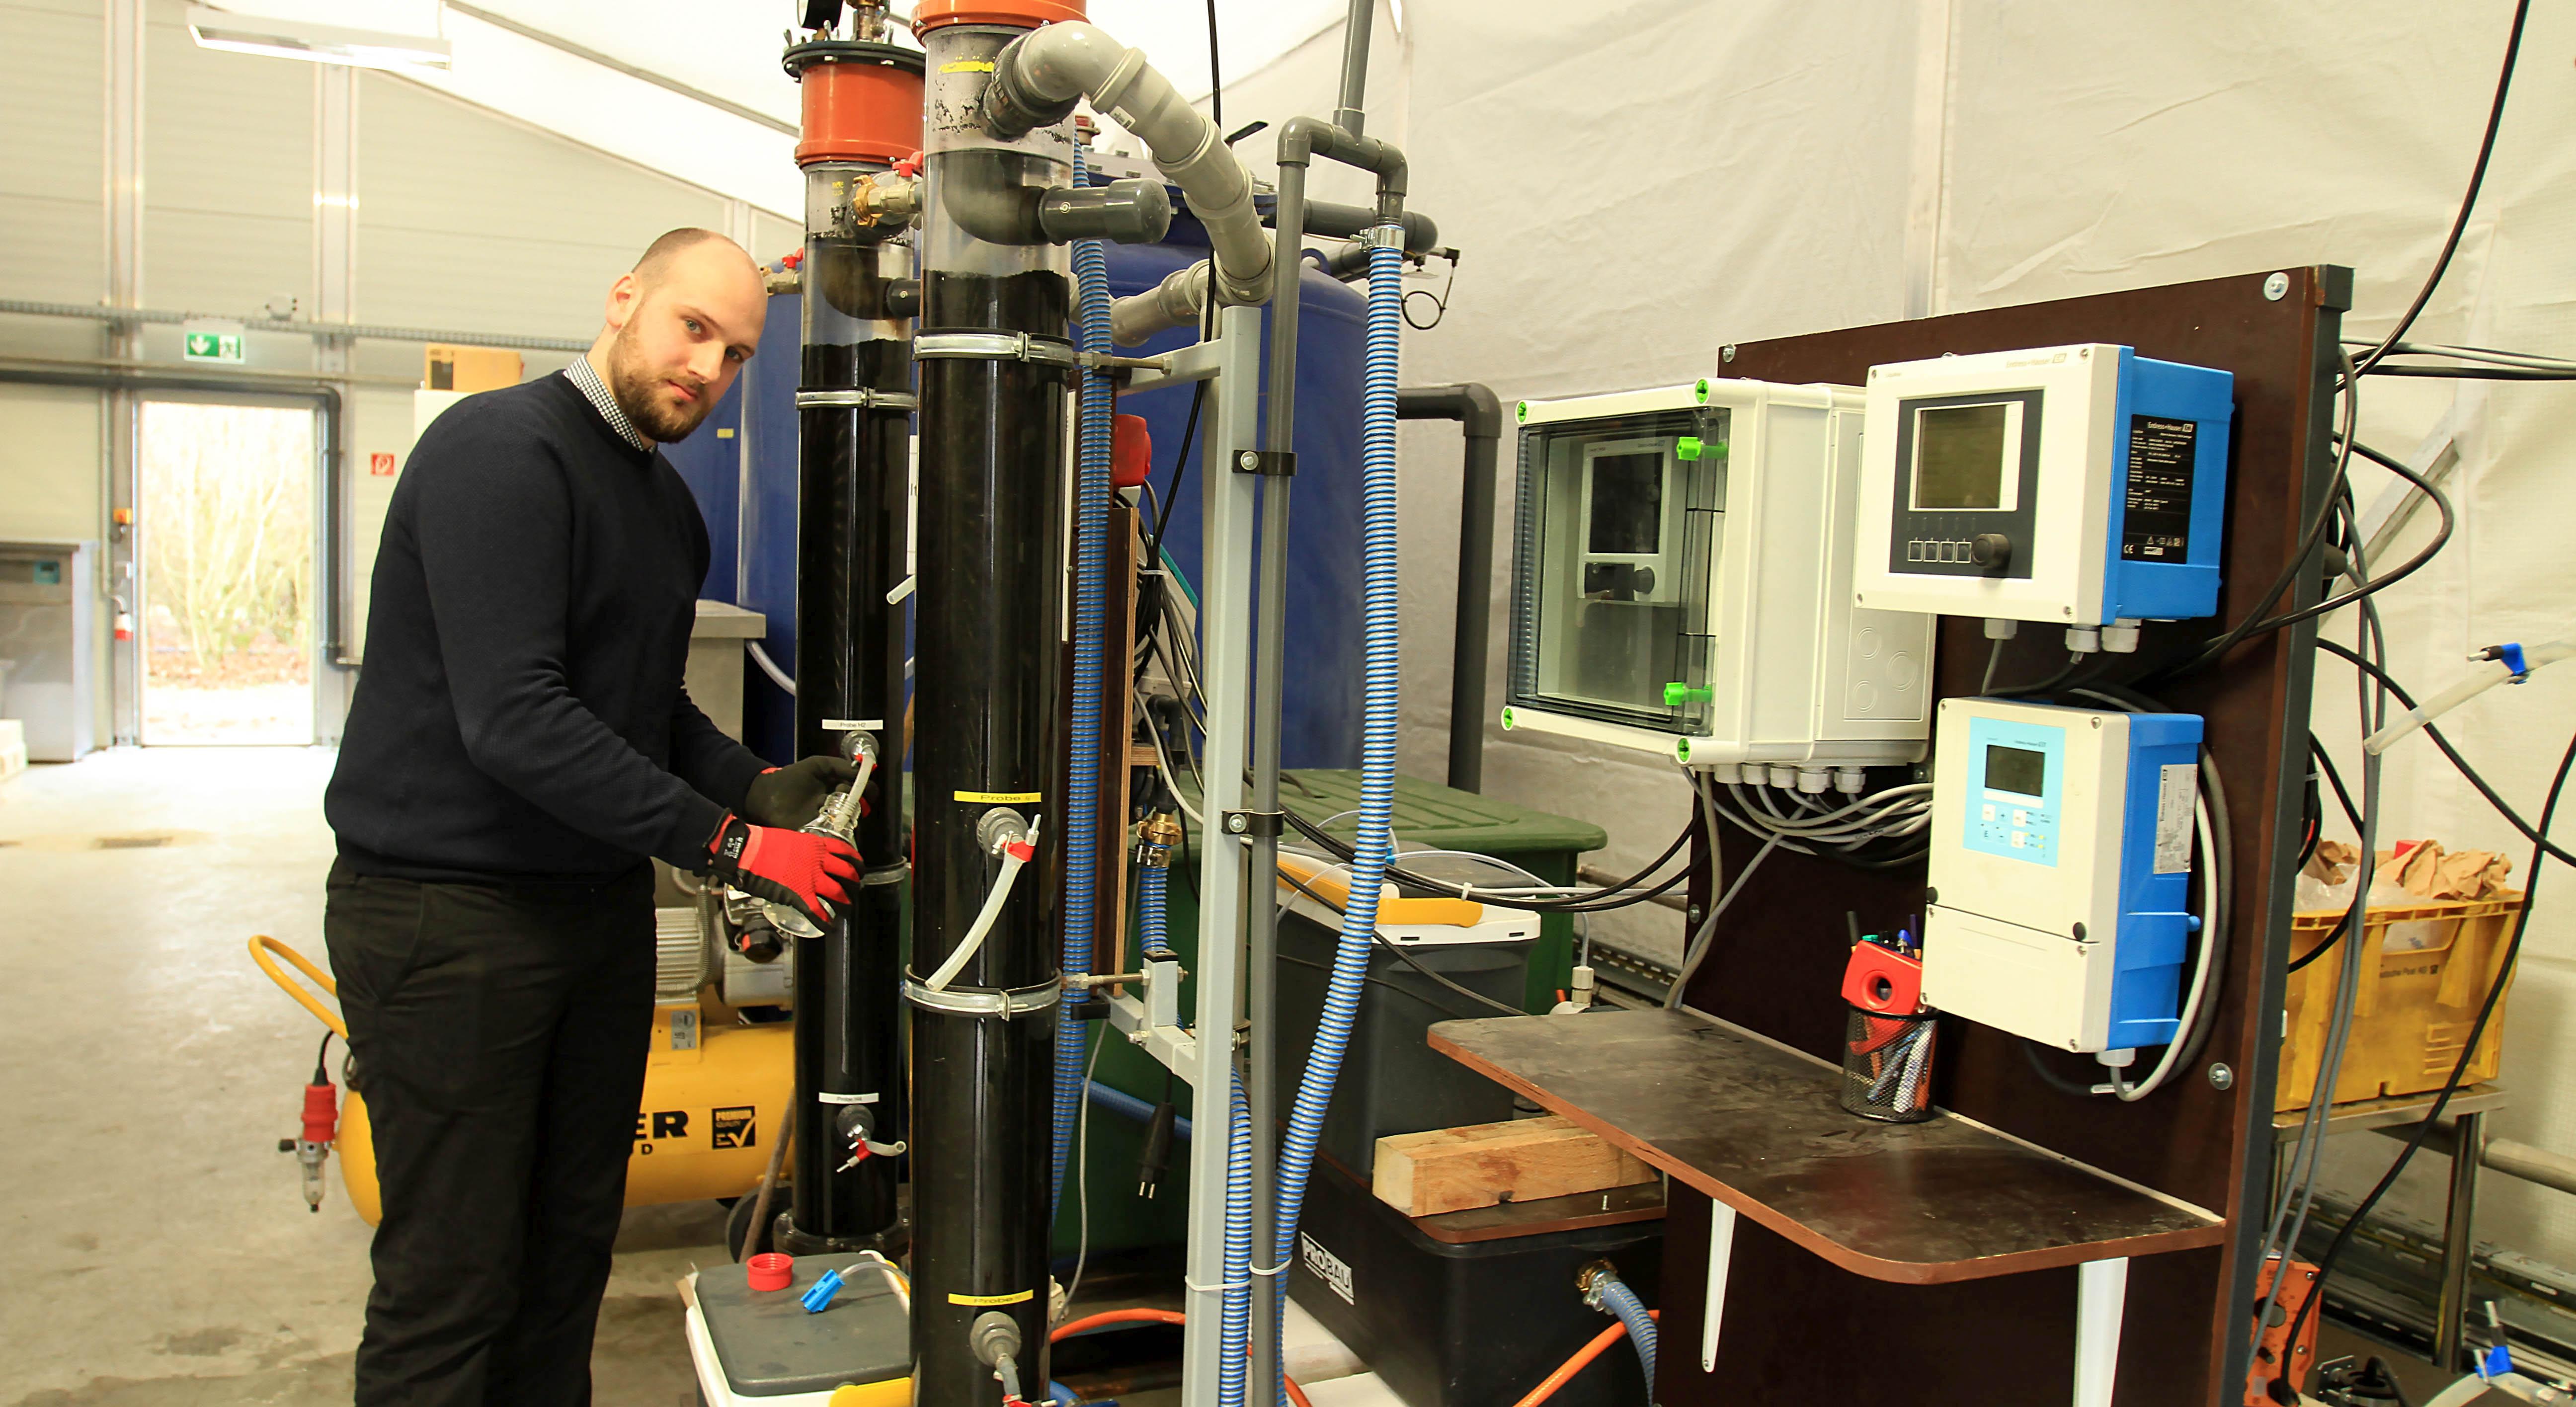 Thomas Fundneider von der TU Darmstadt entnimmt in der Halle mit der Versuchsanlage eine Wasserprobe. Foto: Sorger/Abwasserverband